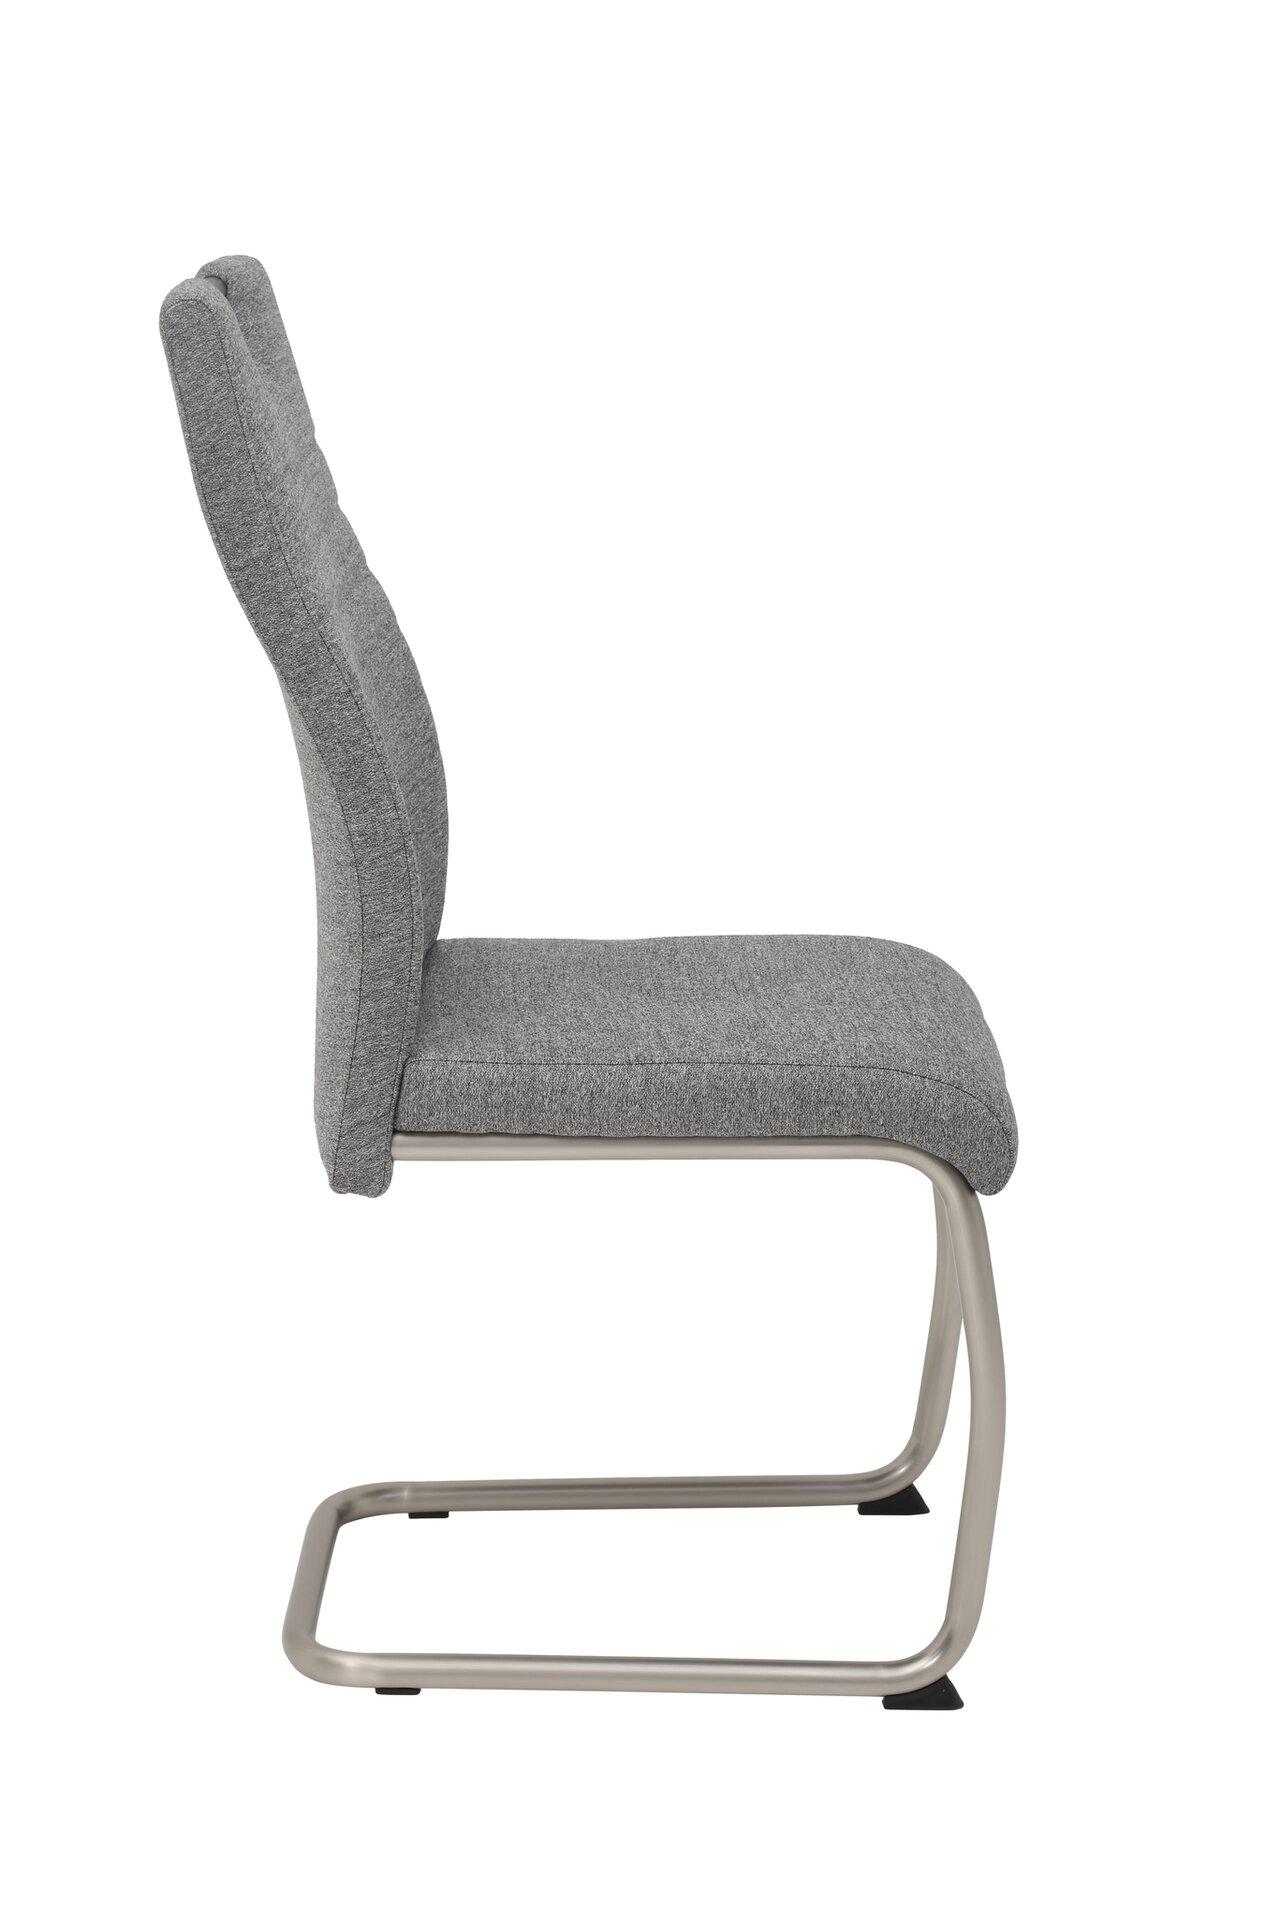 Freischwingerstuhl MALIN S Dinett Textil grau 57 x 97 x 44 cm